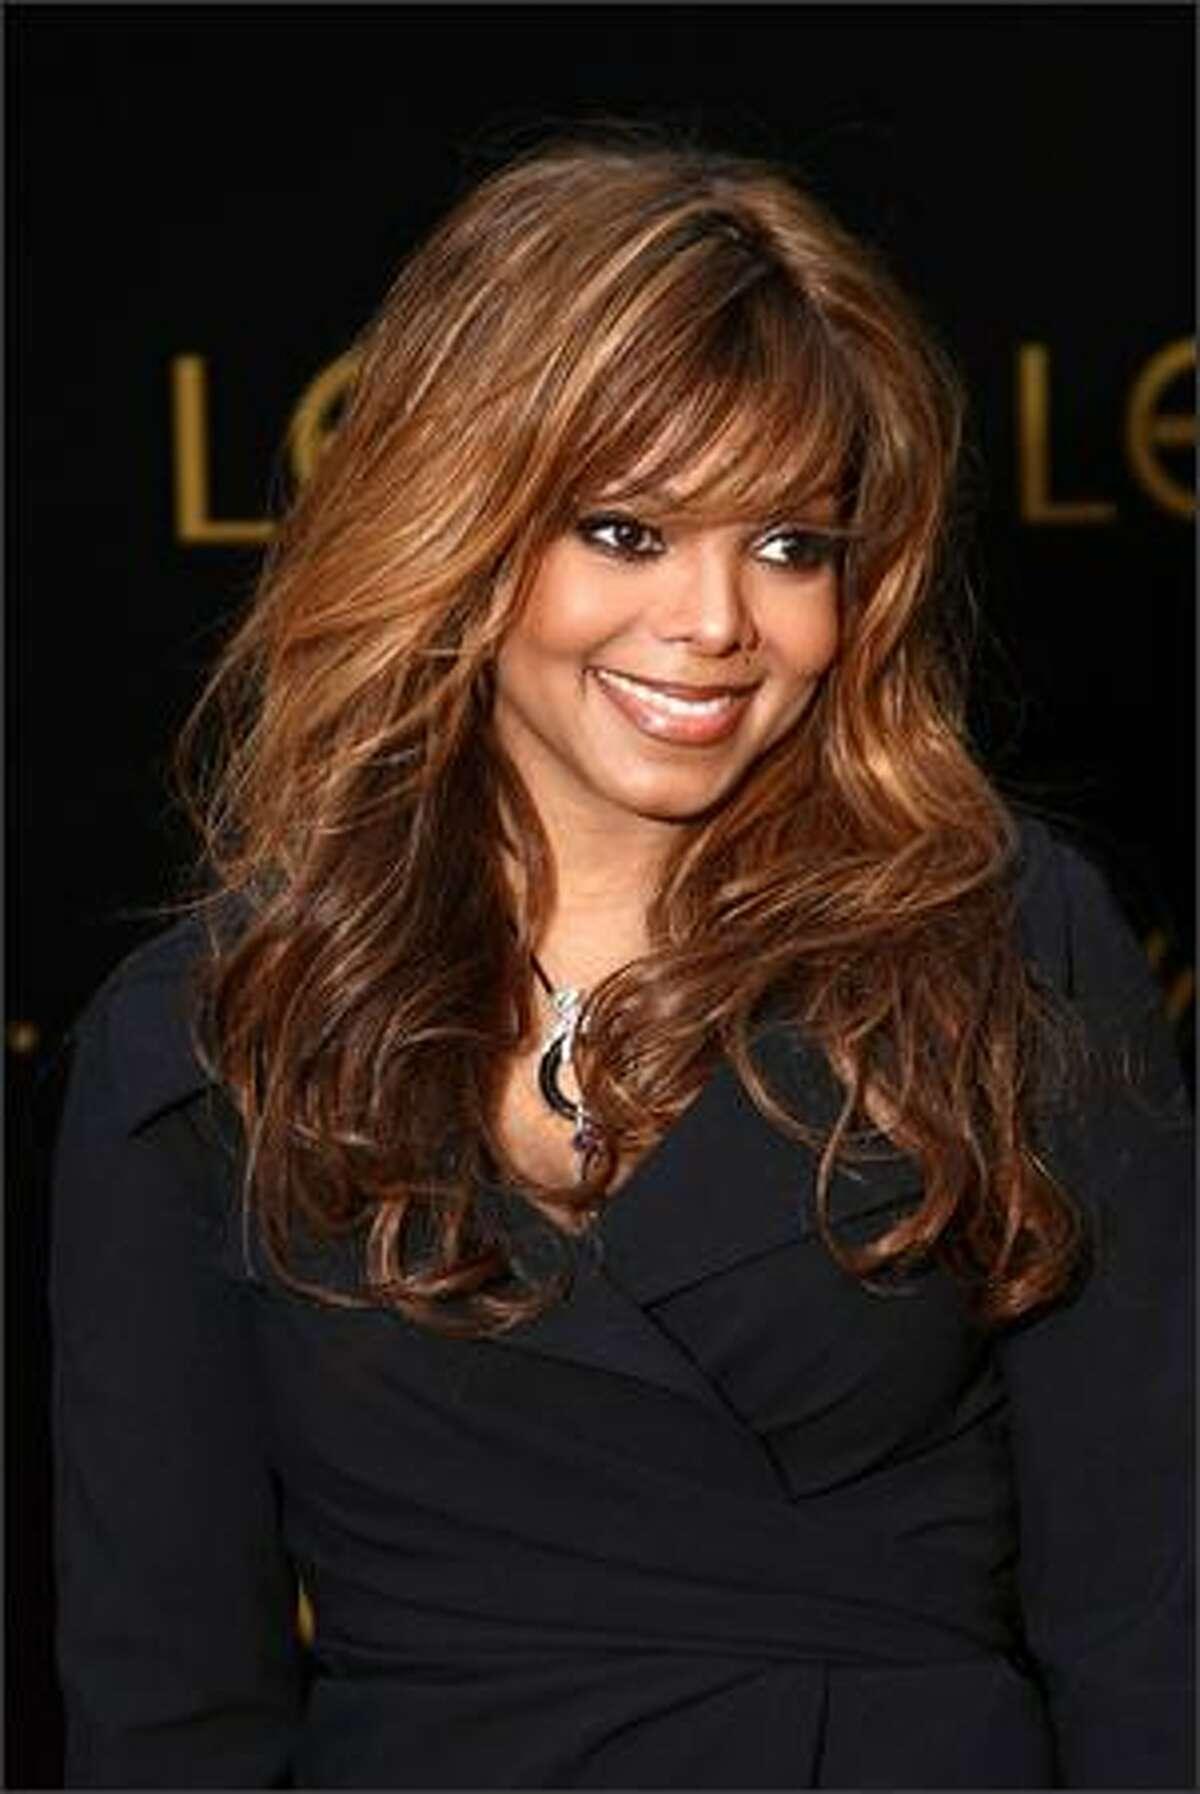 Singer Janet Jackson arrives.